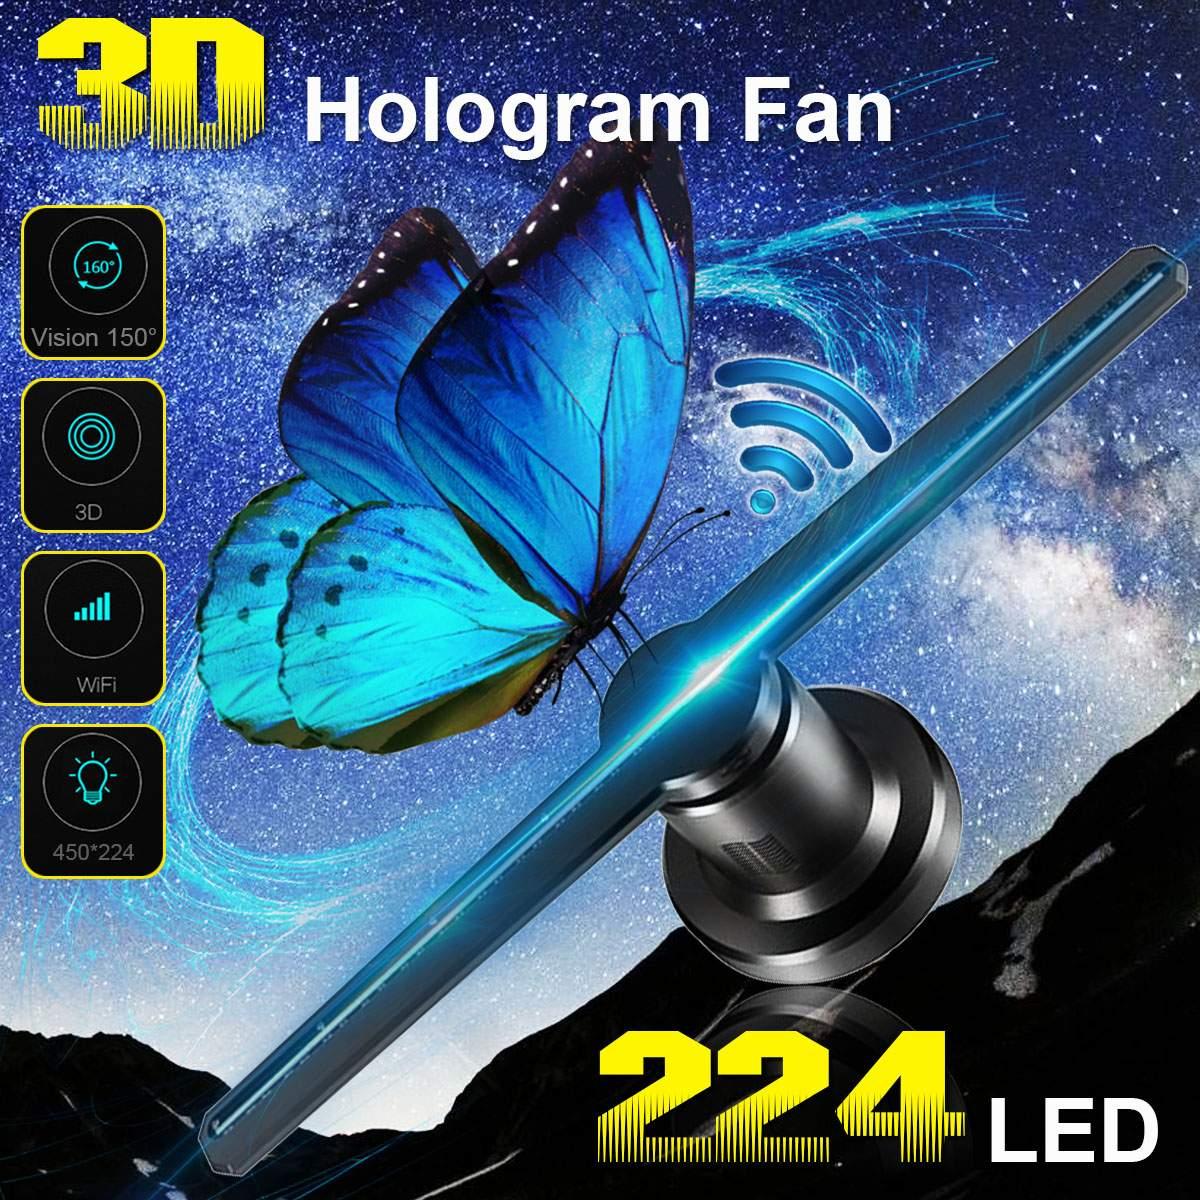 Wifi 3D hologramme projecteur ventilateur avec 16G TF holographique affichage 224 LED s fête décorations hologrammes LED 42cm magasin signes drôle